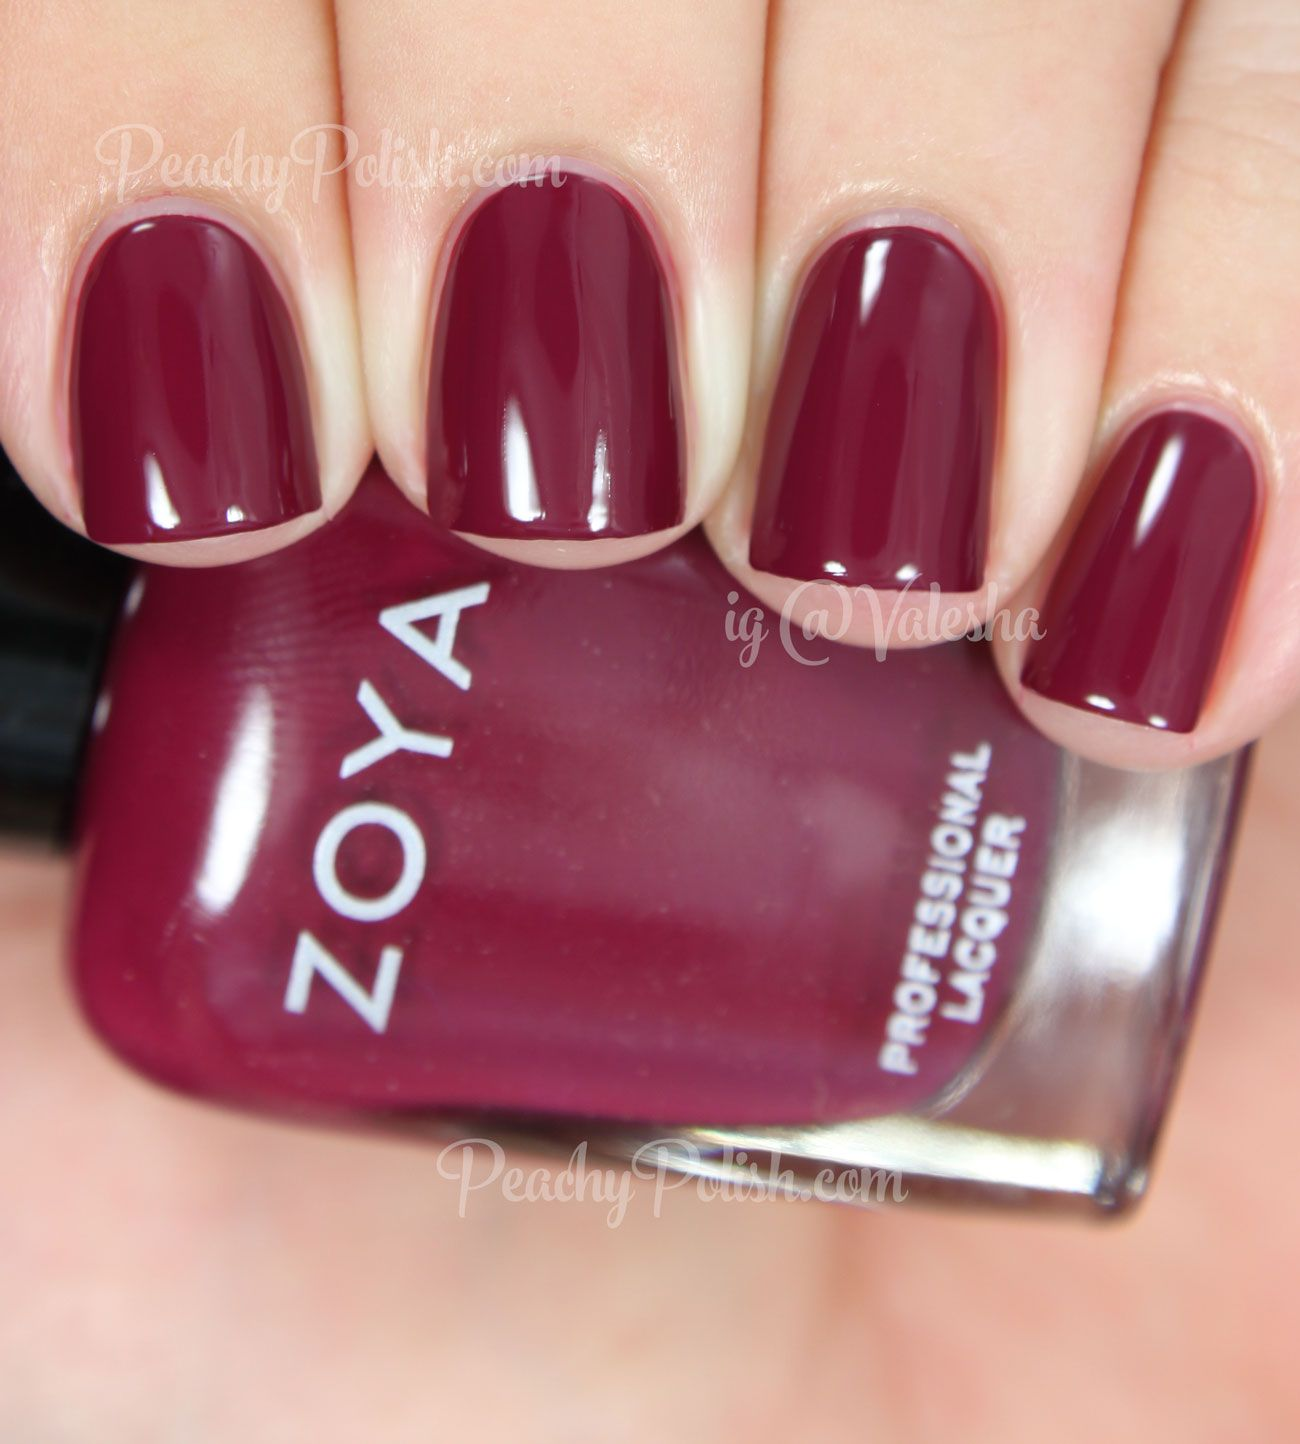 Zoya Veronica   Fall 2014 Entice Collection   Peachy Polish ...